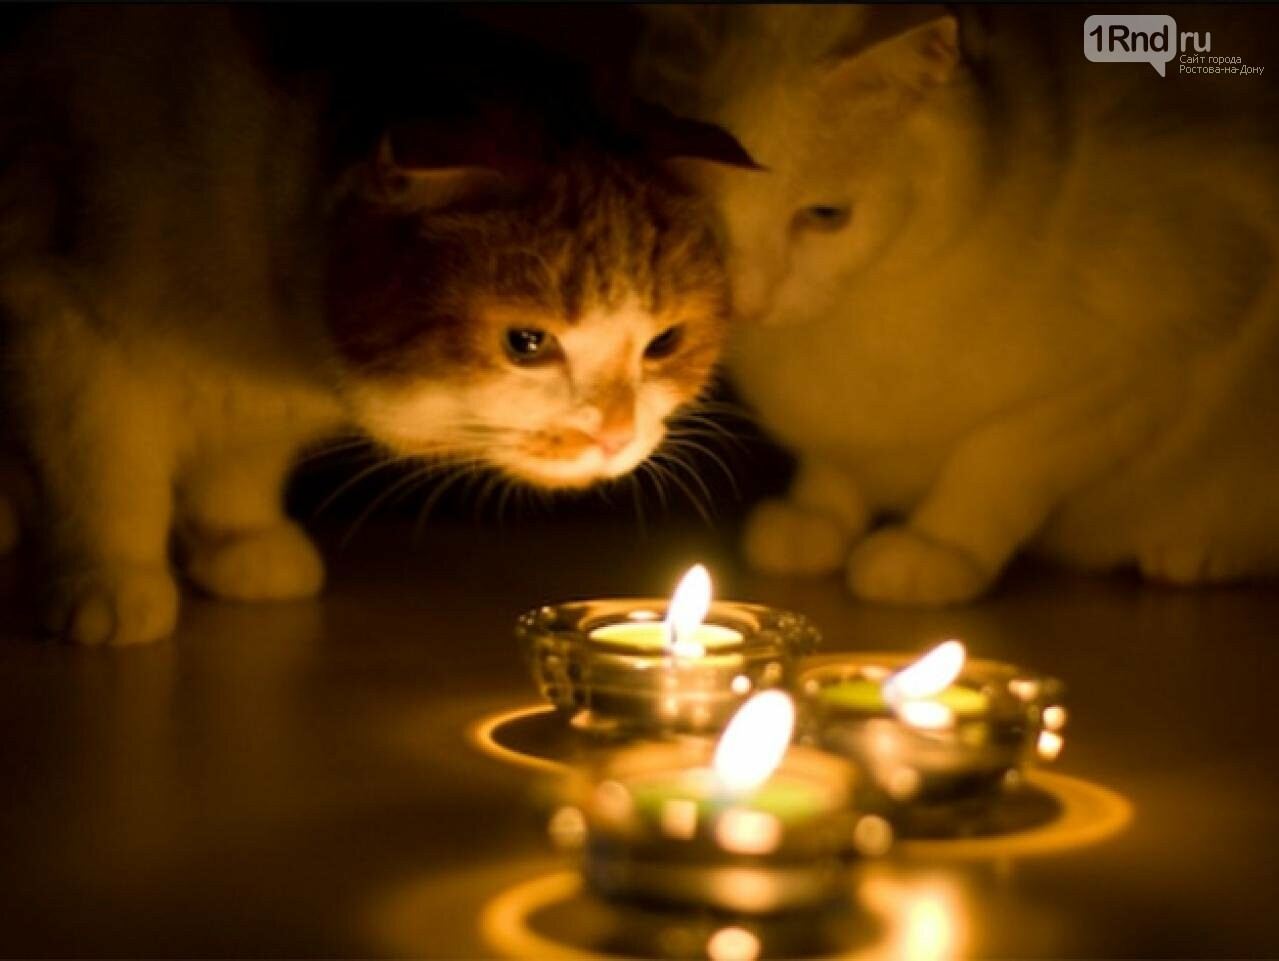 Рождественский сочельник: пять простых способов узнать свое будущее, фото-1, Фото: http://dniprograd.org